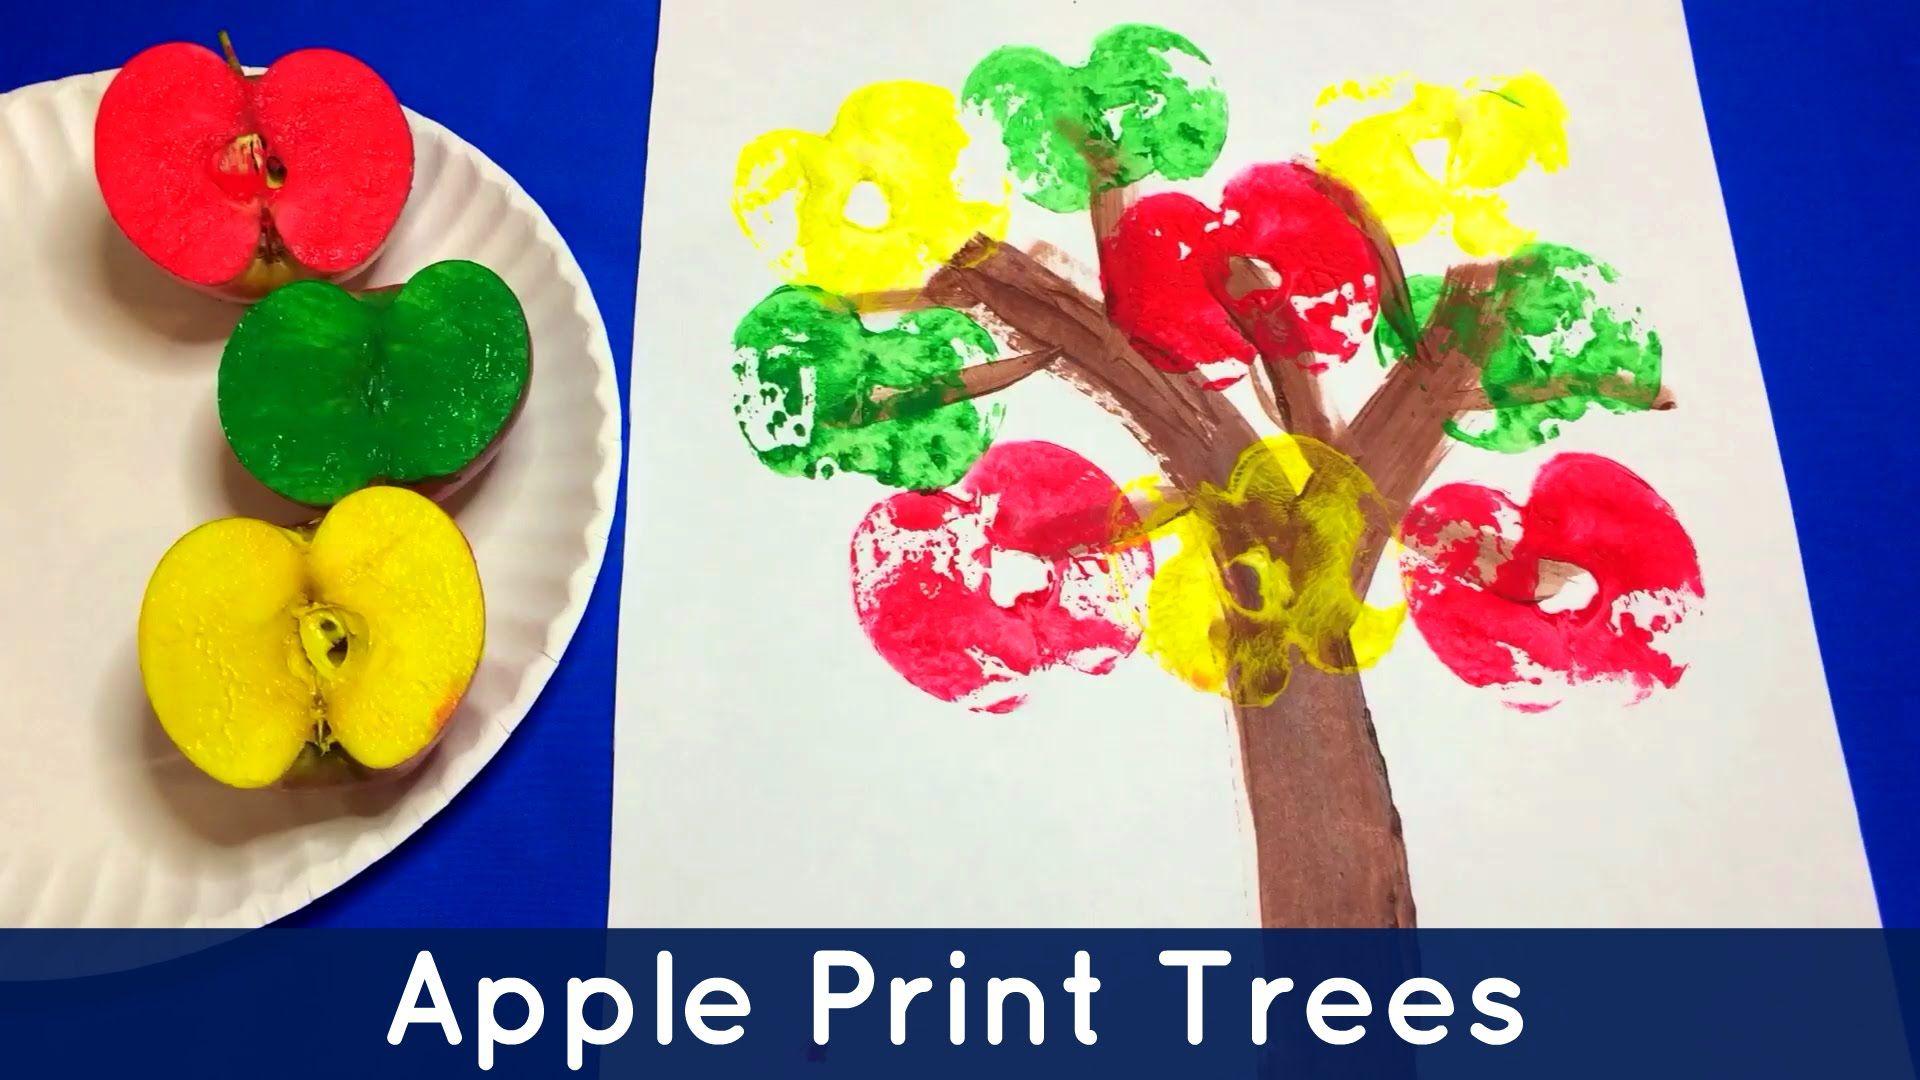 Apple Print Trees